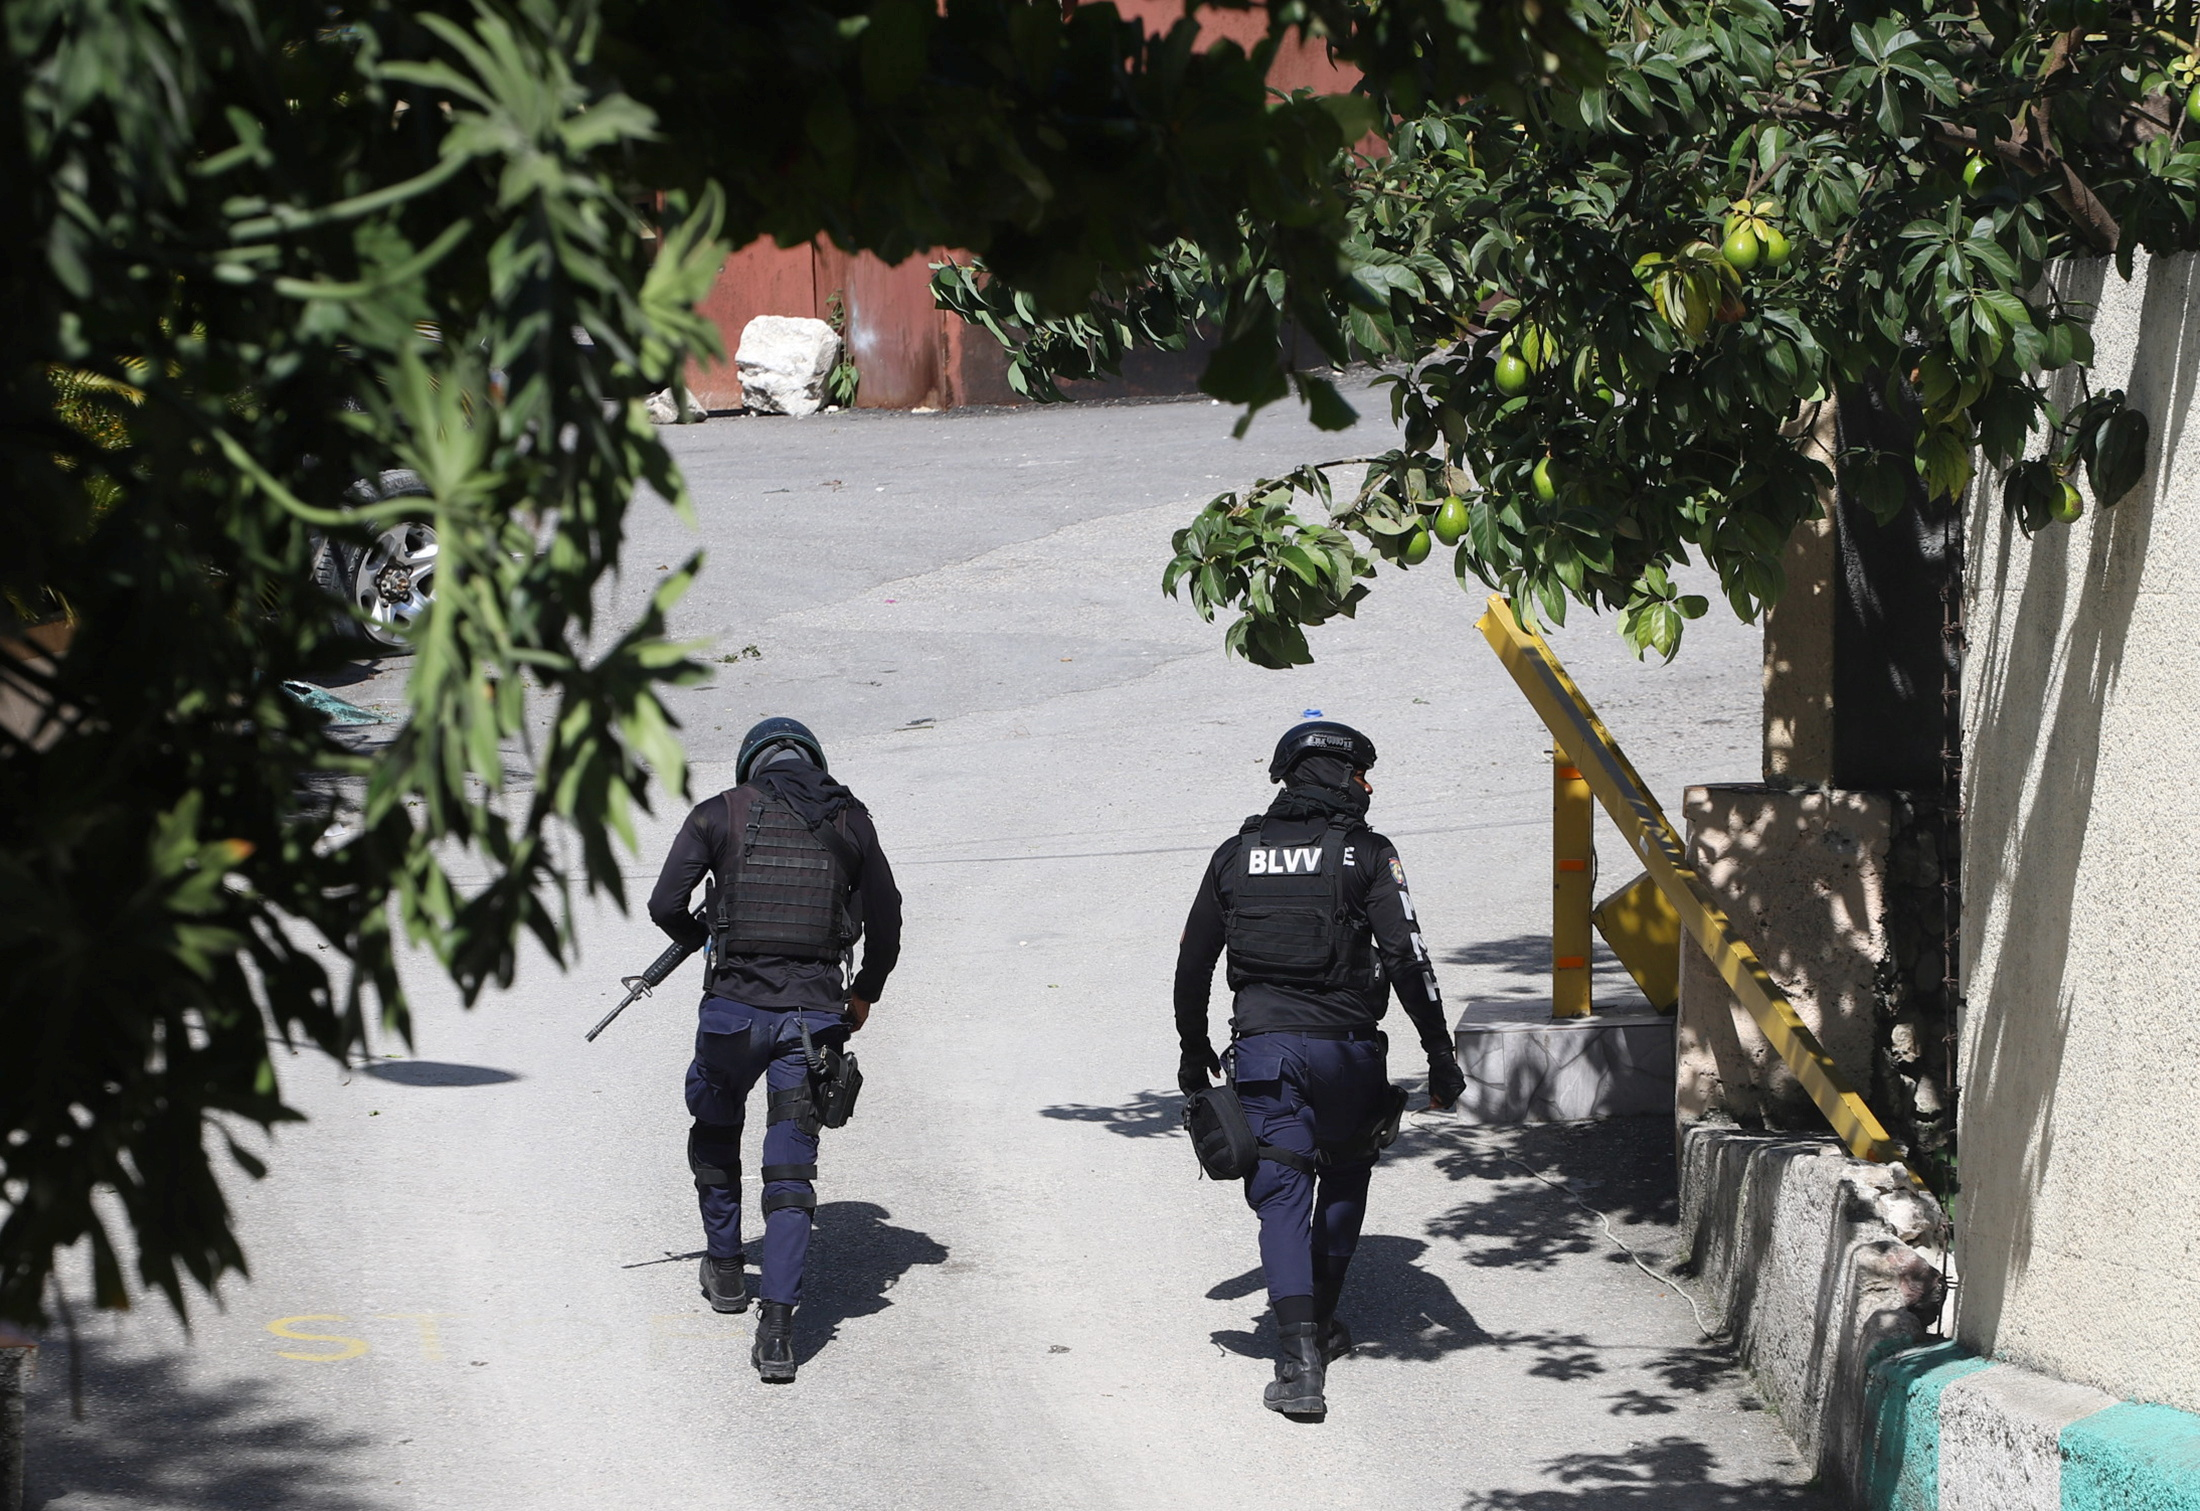 Αϊτή: Σκότωσαν τον Μοΐζ «ντυμένοι» πράκτορες της DEA – Μάχη με τους μισθοφόρους, 4 νεκροί